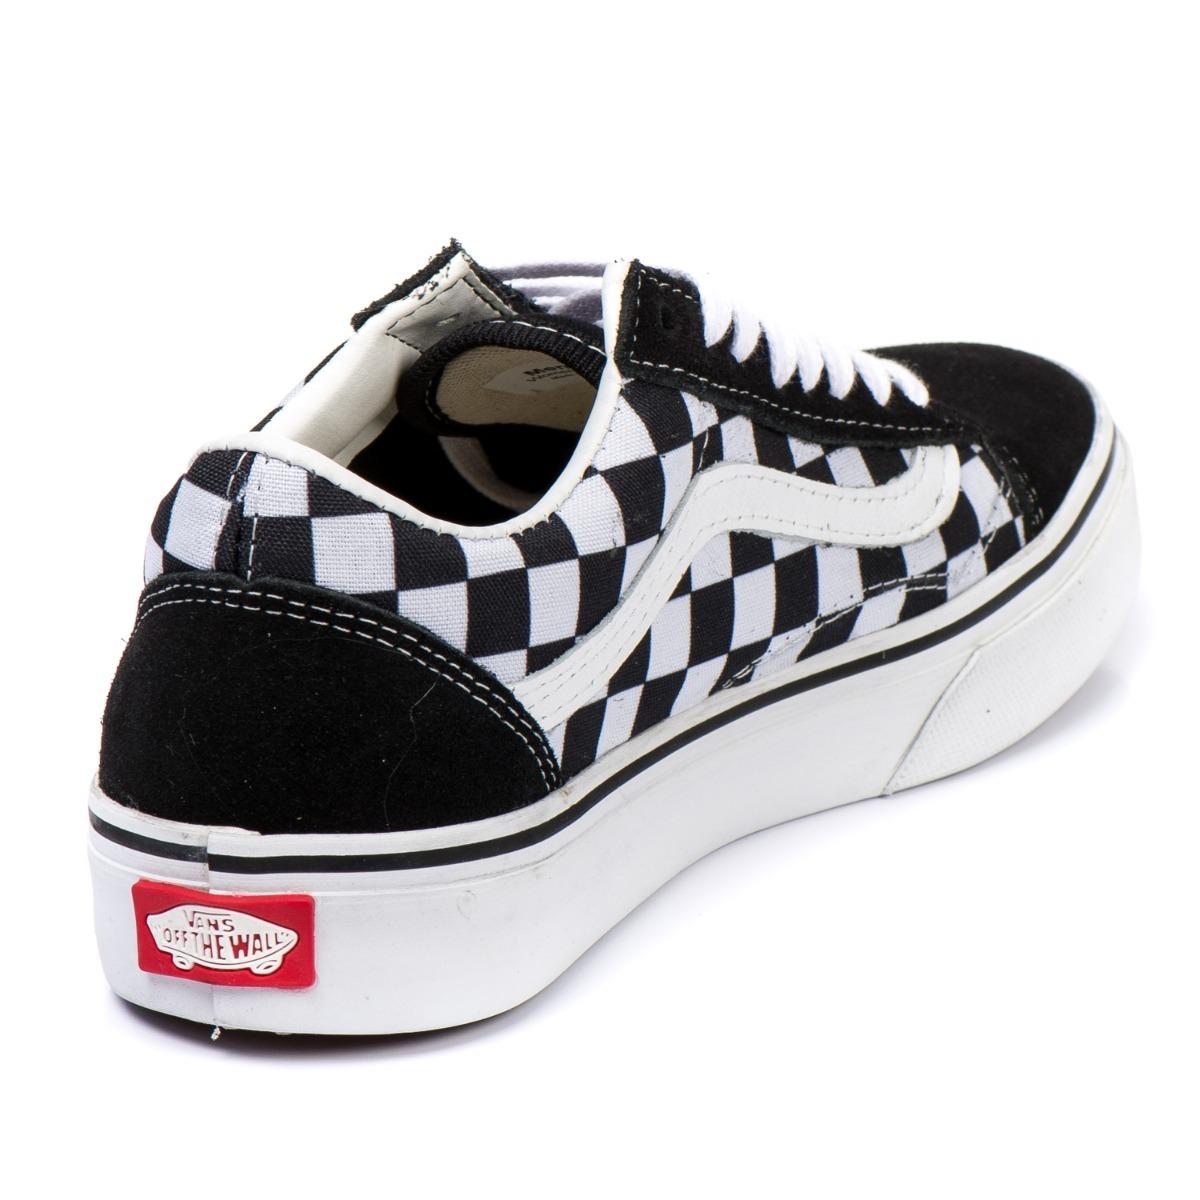 Promoção Tênis Vans Old Skool Original Xadrez 34-43 - R  179 d0c3d2c585b